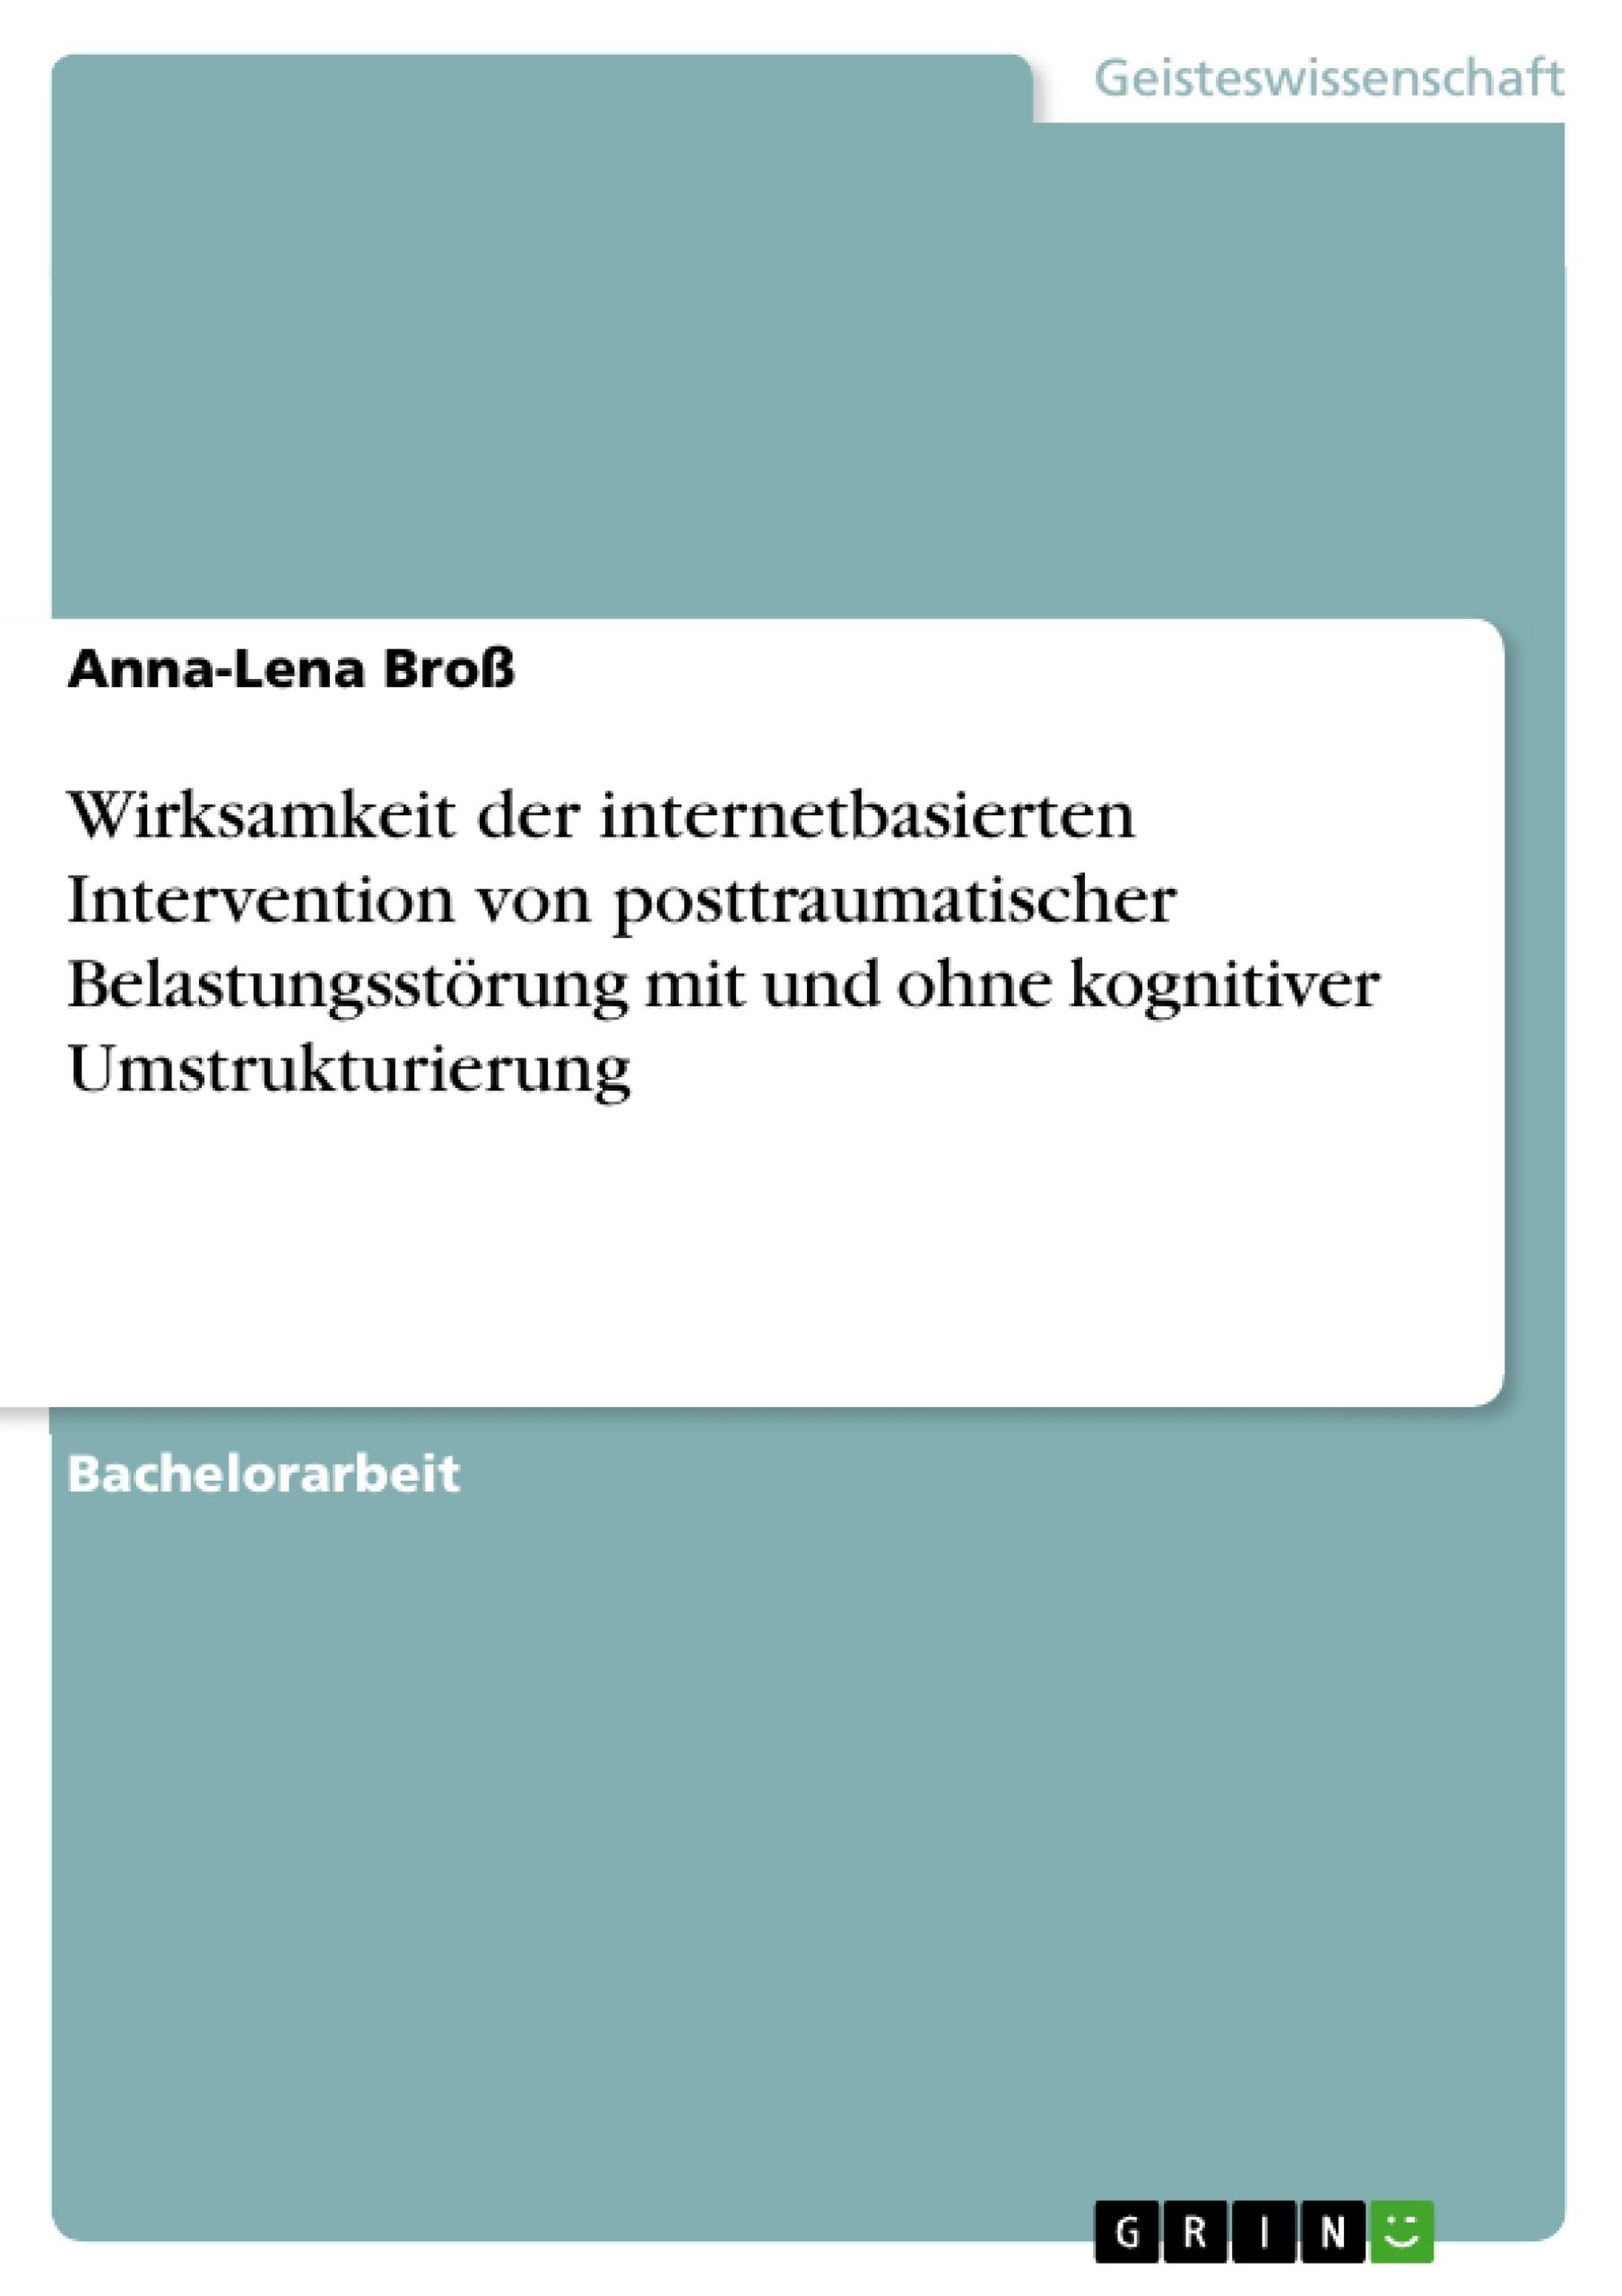 Titel: Wirksamkeit der internetbasierten Intervention von posttraumatischer Belastungsstörung mit und ohne kognitiver Umstrukturierung